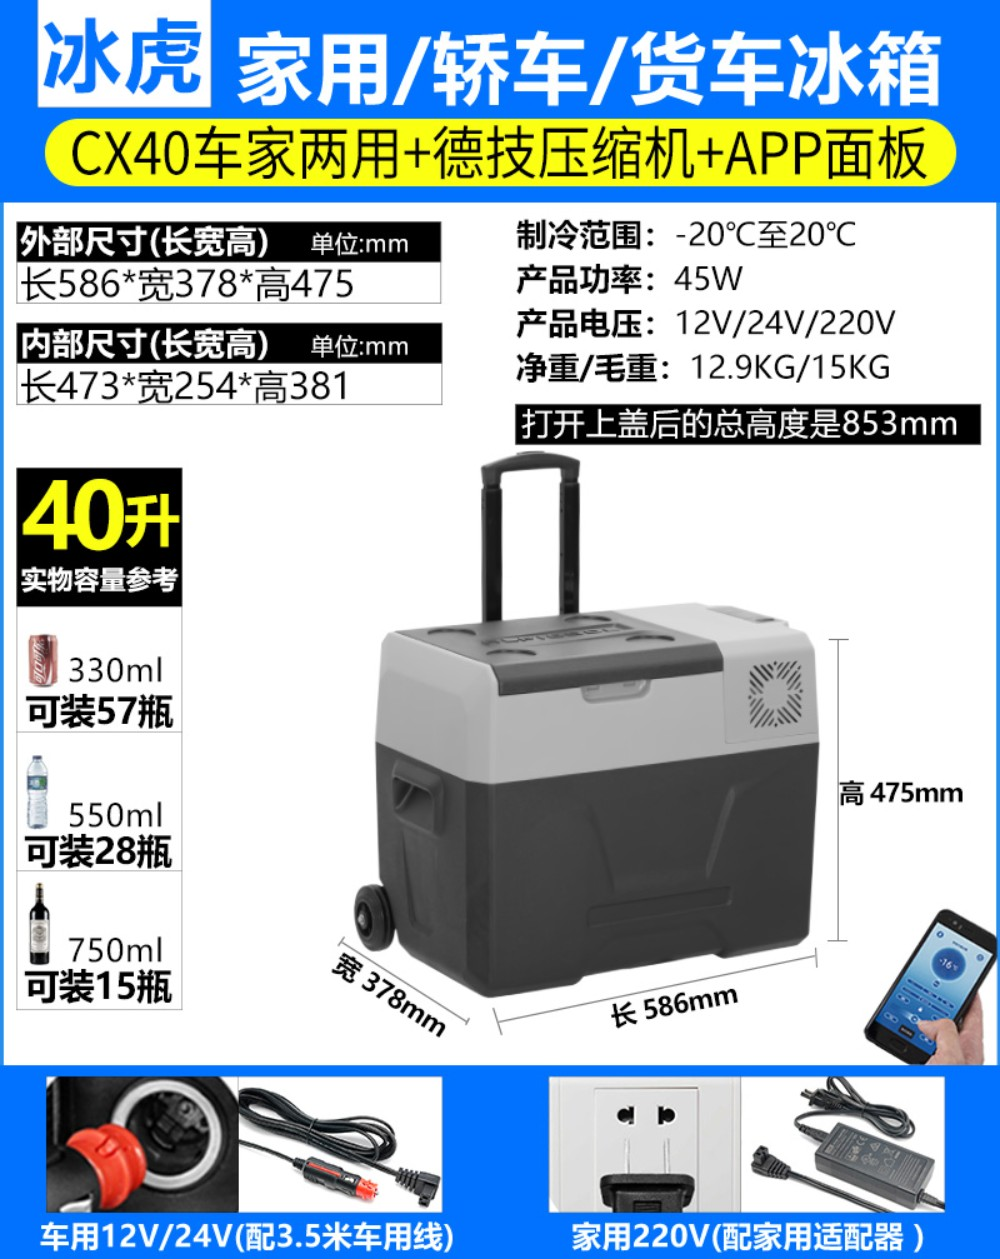 알피쿨 alpicool Cartour 차량용 캠핑 냉장고 CX시리즈 차박필수템, CX40 리터 (독일 압축기) 자동차 및 가정용 + APP 패널 용 이중 사용